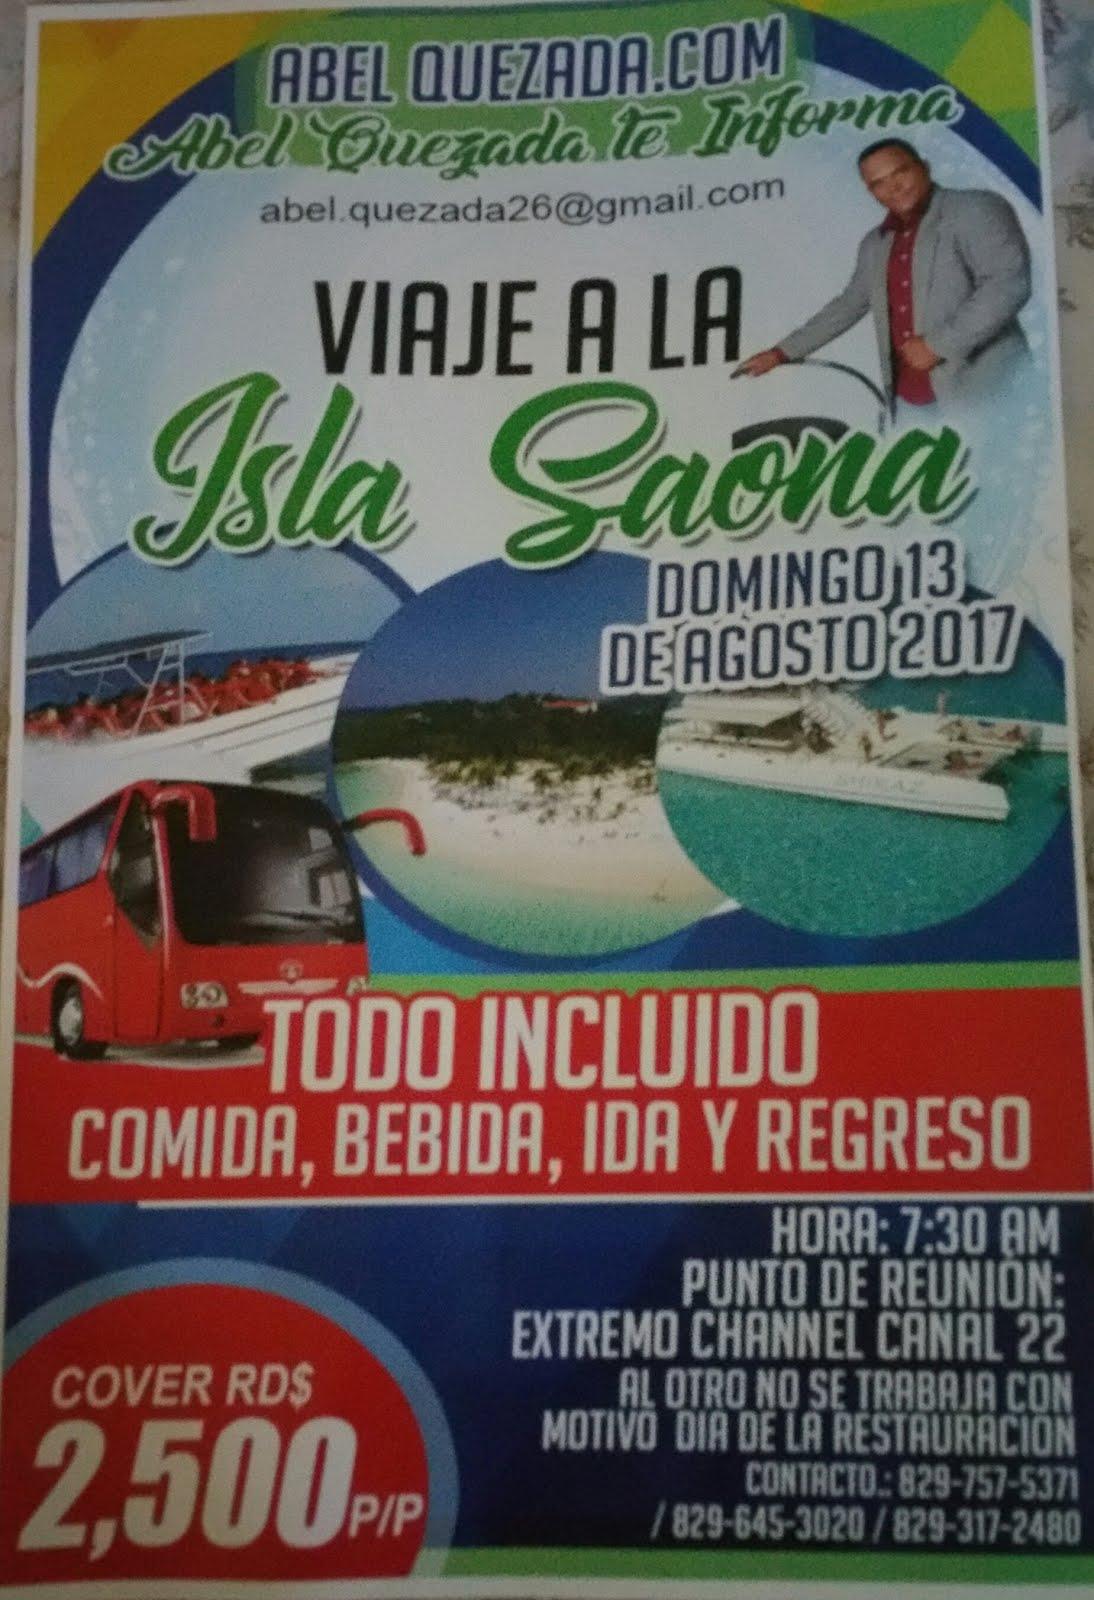 Viaje a la Isla Saona con AbelQuezada